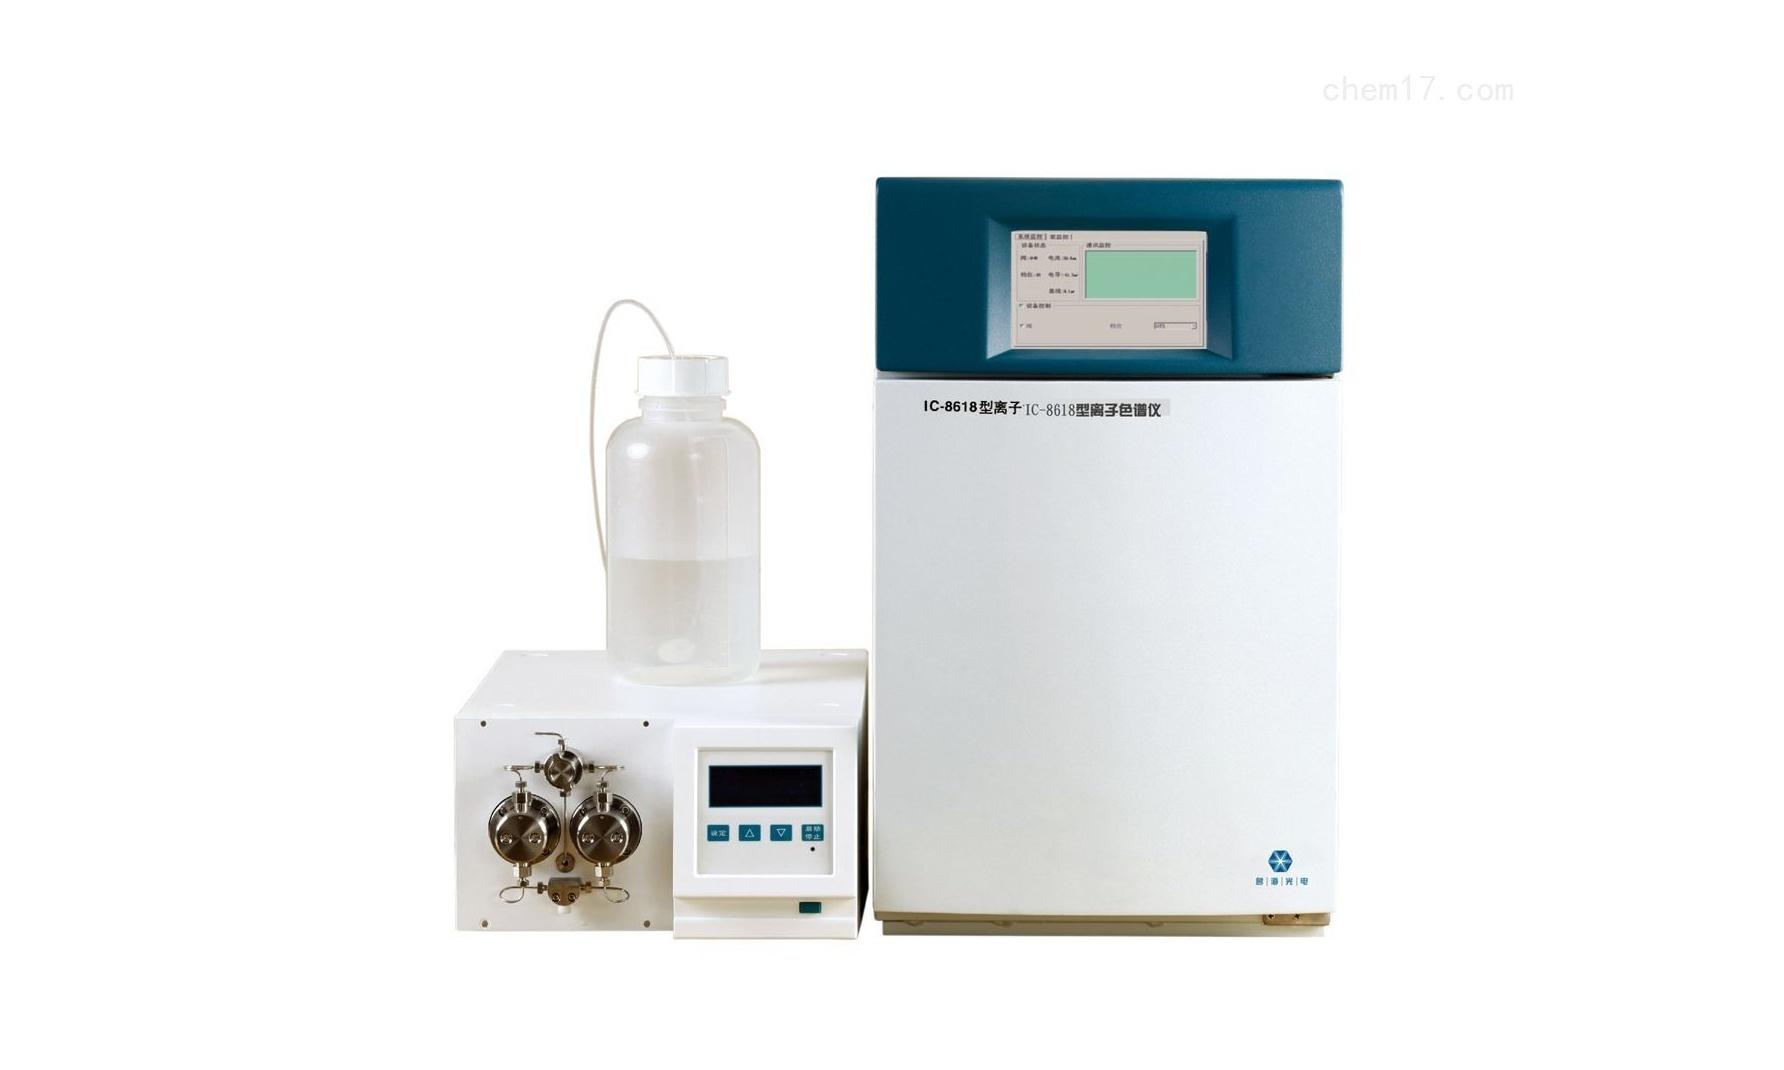 云浮市食品药品检验所离子色谱仪等仪器设备采购项目招标